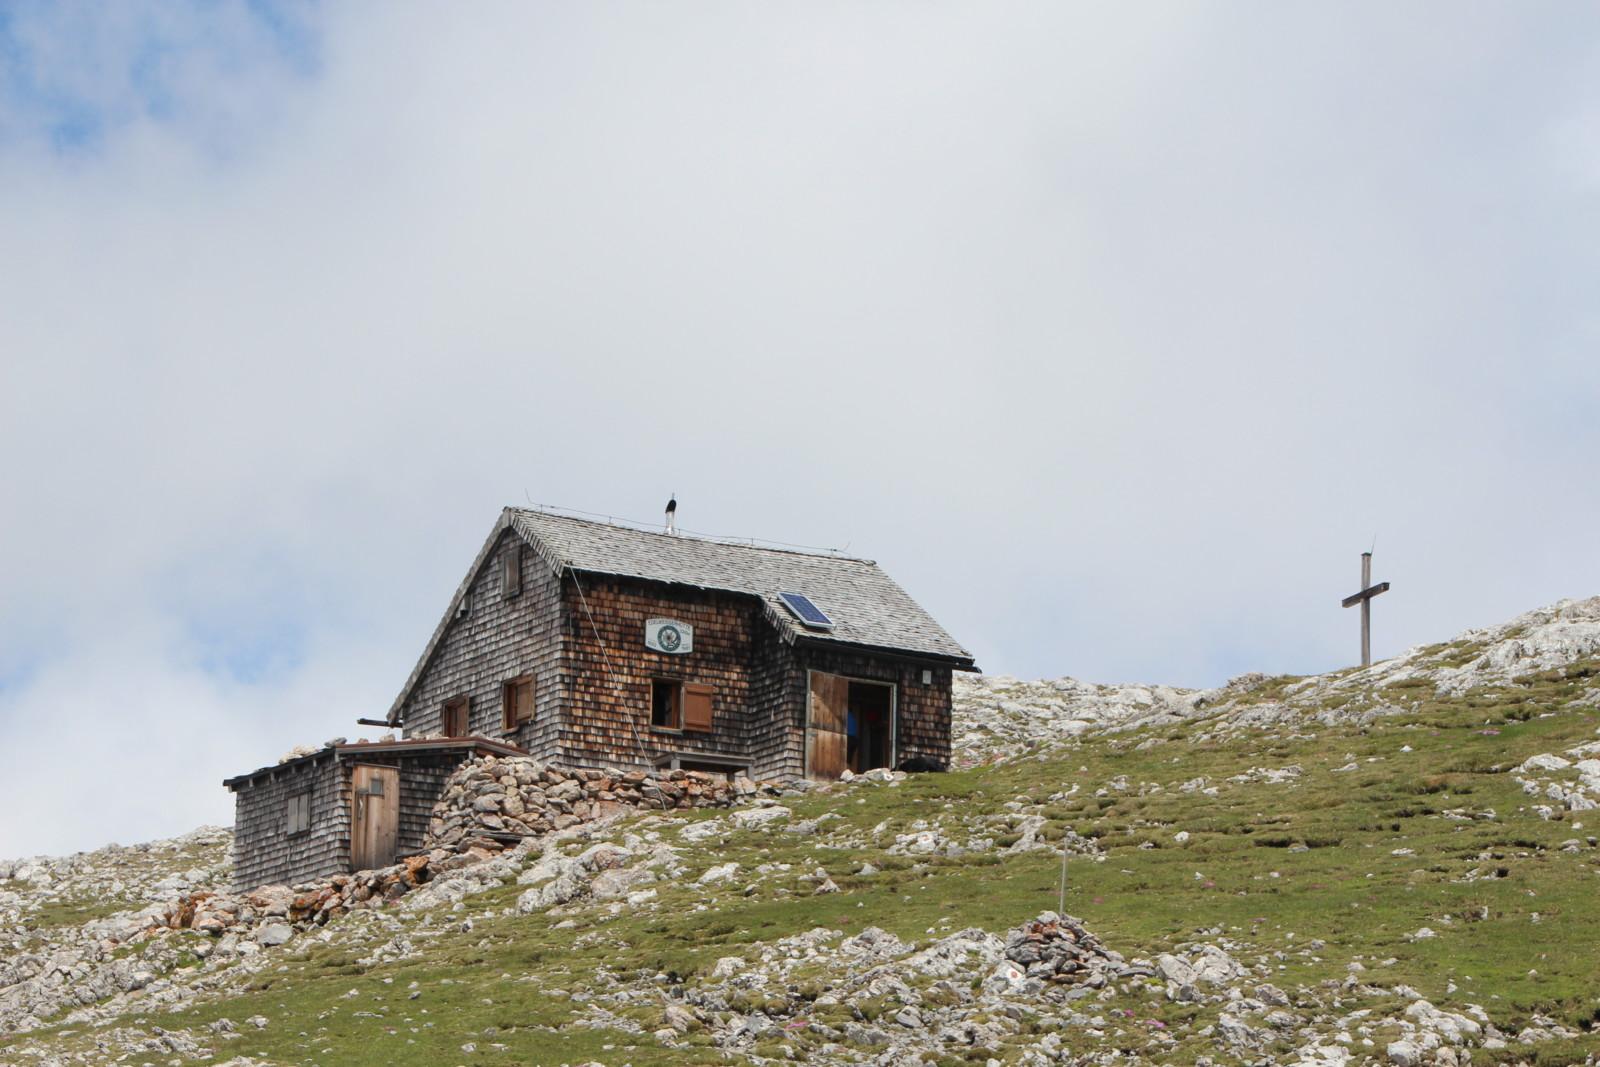 Die Edelweißer-Hütte wäre ein weiteres Ziel im Tennengebirge